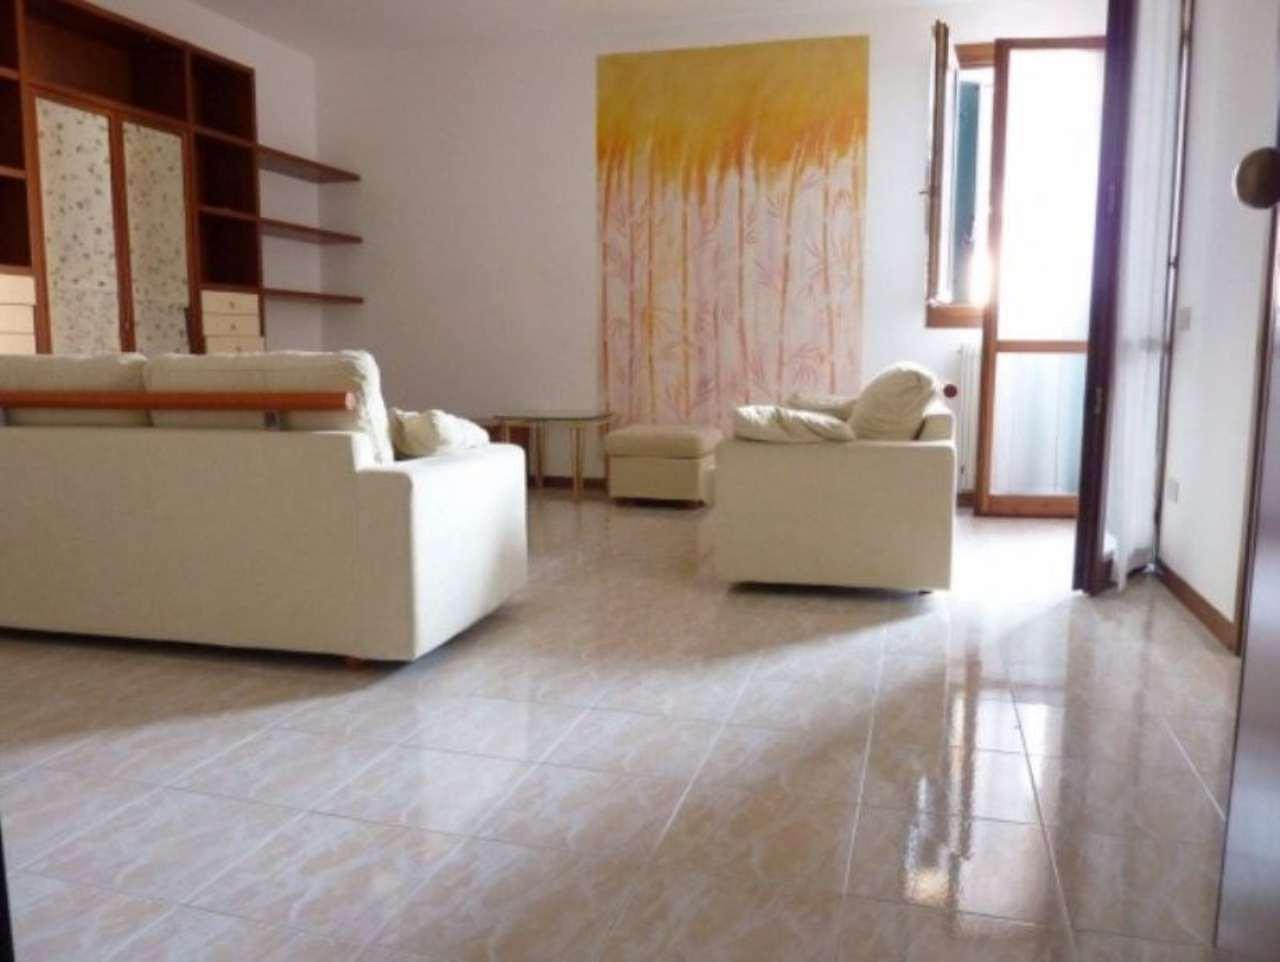 Appartamento in vendita a Carbonera, 3 locali, prezzo € 105.000 | Cambio Casa.it